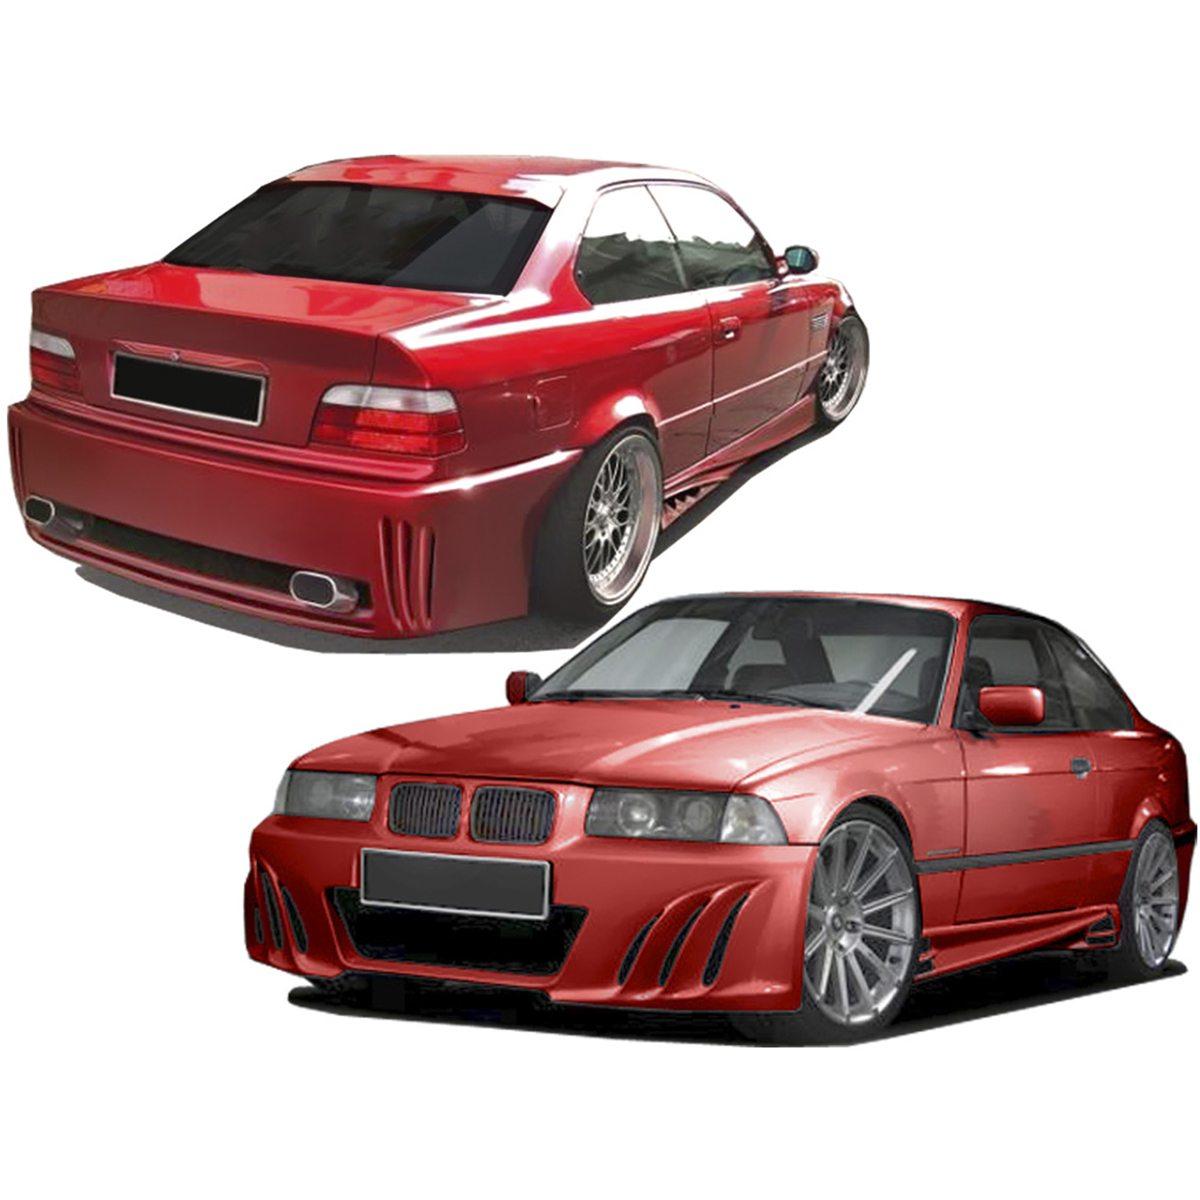 BMW-E36-Shark-KIT-KTS013